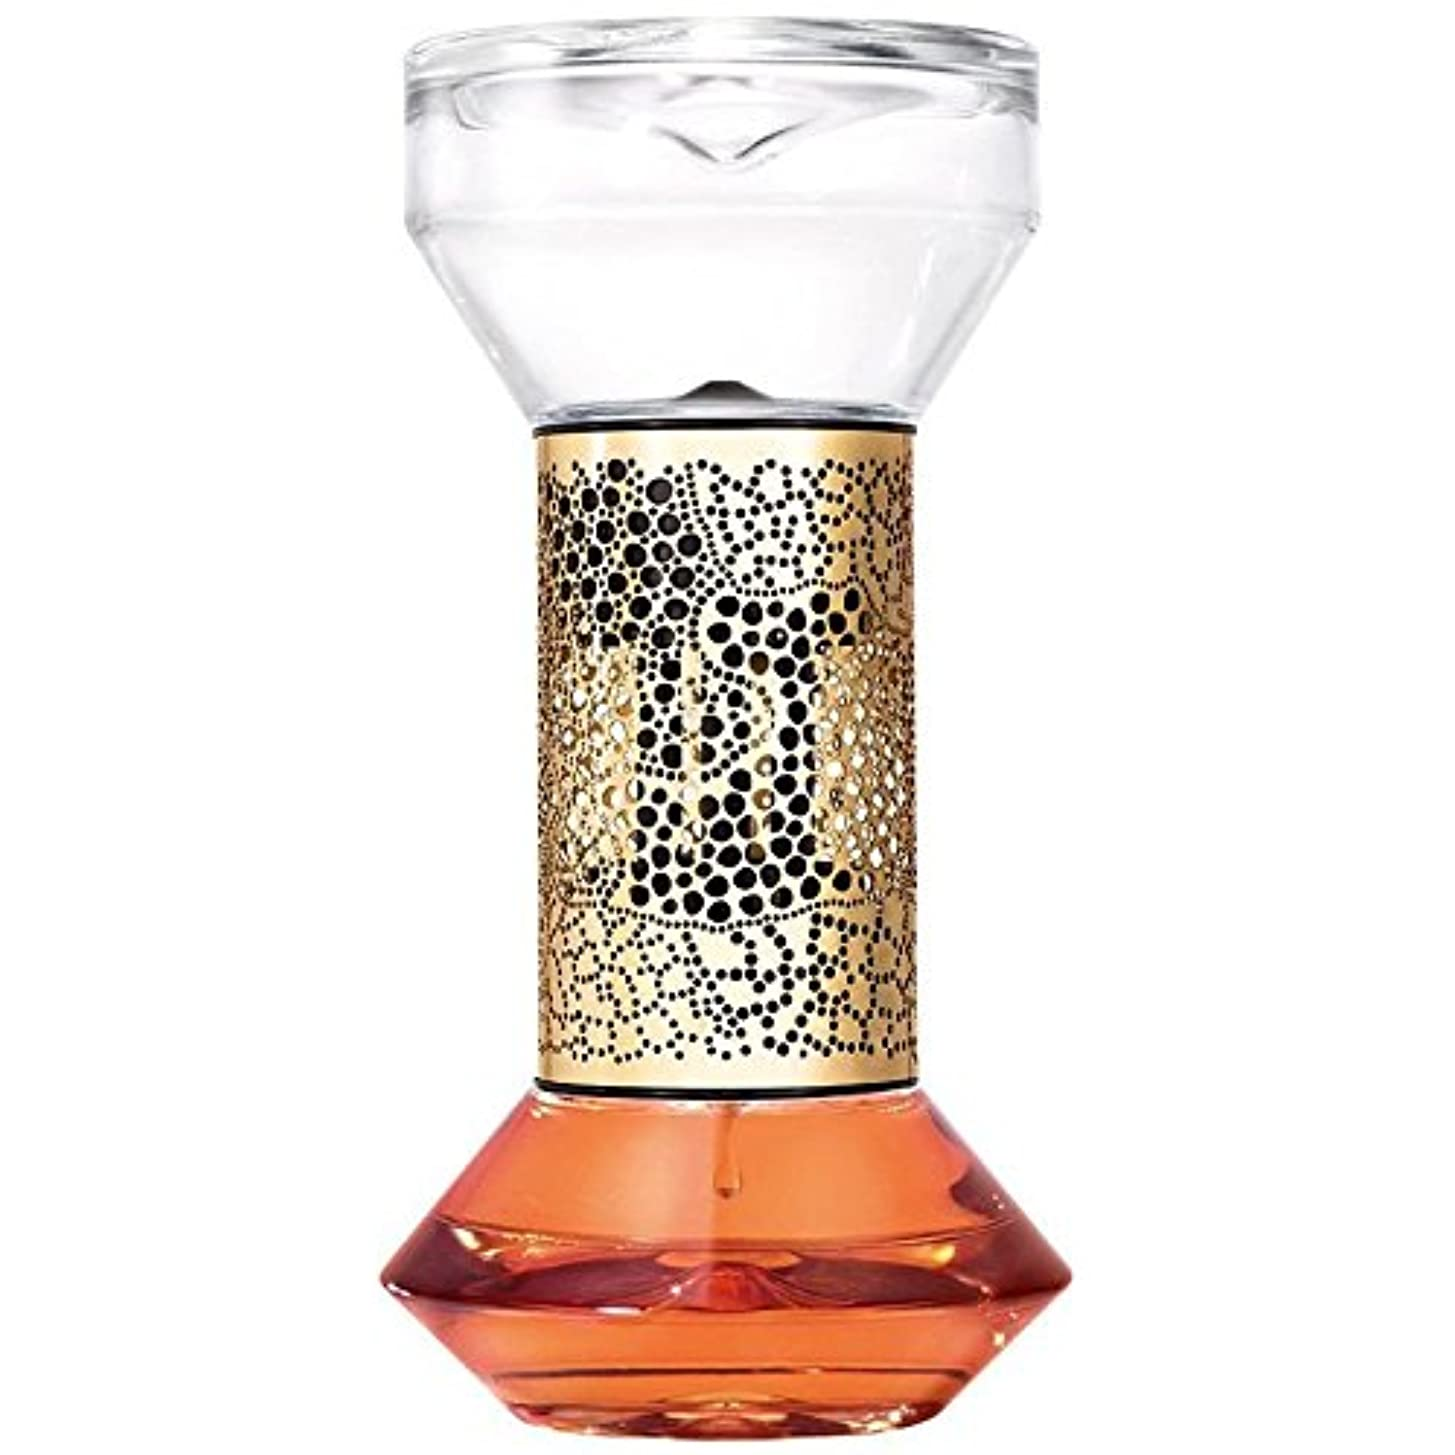 ちらつき包括的下品Diptyque - Orange Blossam Hourglass Diffuser (ディプティック オレンジ ブロッサム アワー グラス ディフューザー) 2.5 oz (75ml) New